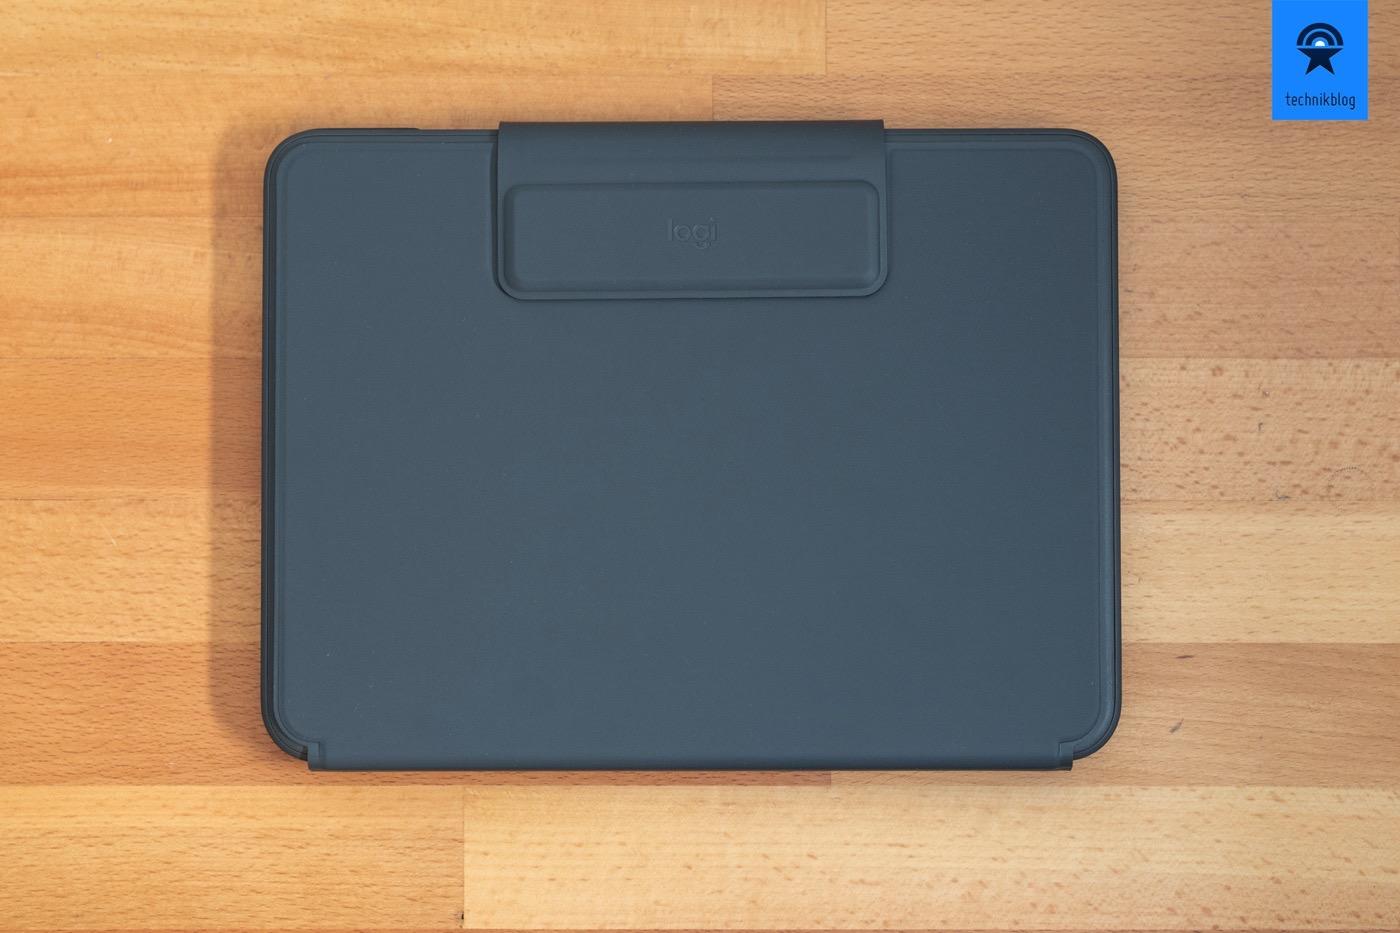 Logitech Slim Folio Pro geschlossen - Der Stift könnte unter der Lasche gehalten werden.